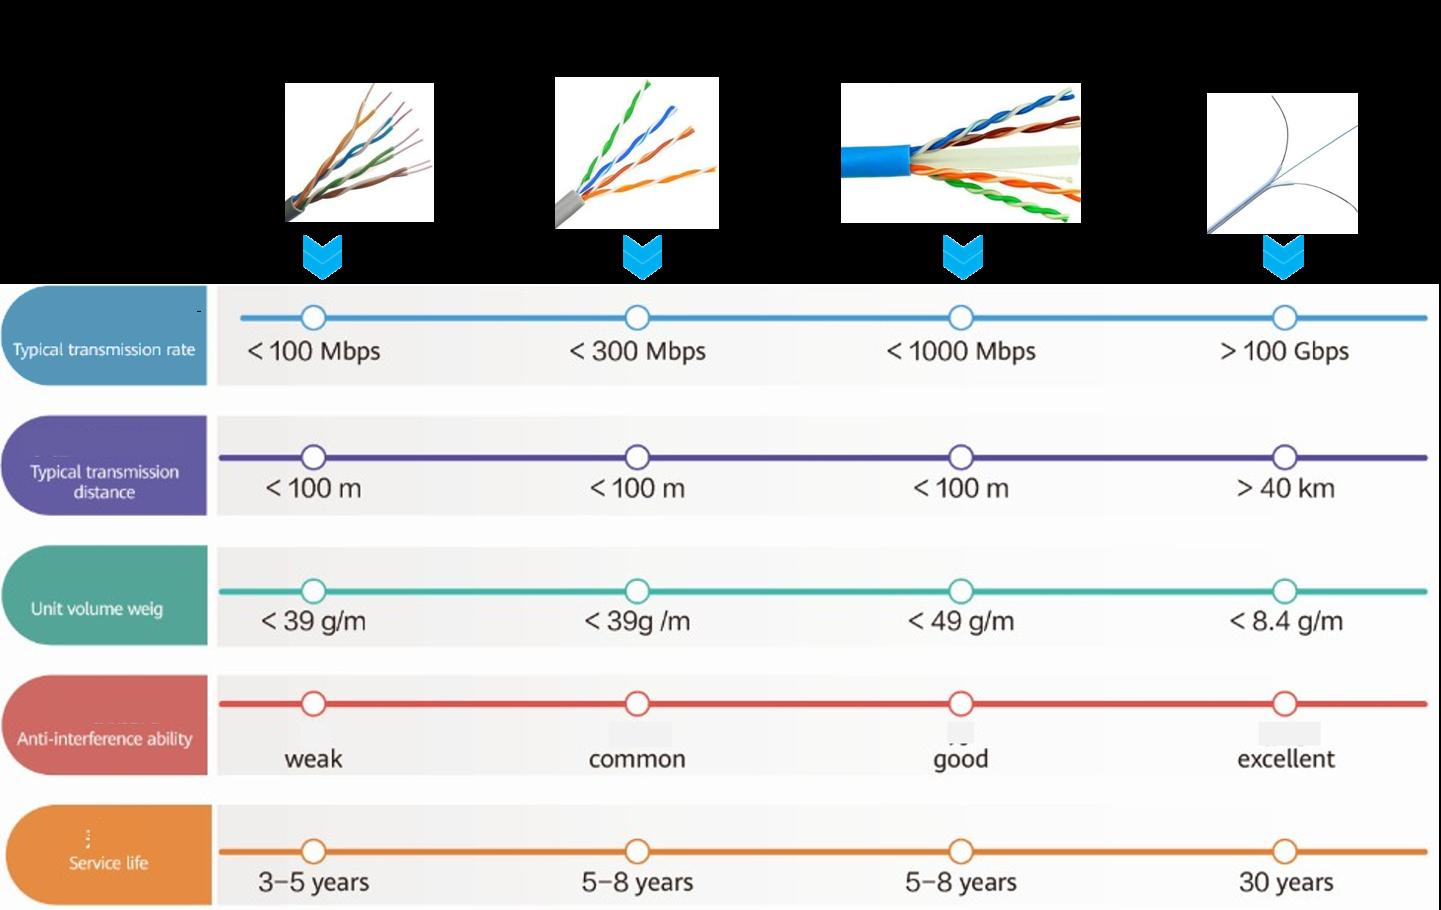 fibra optica y cableado